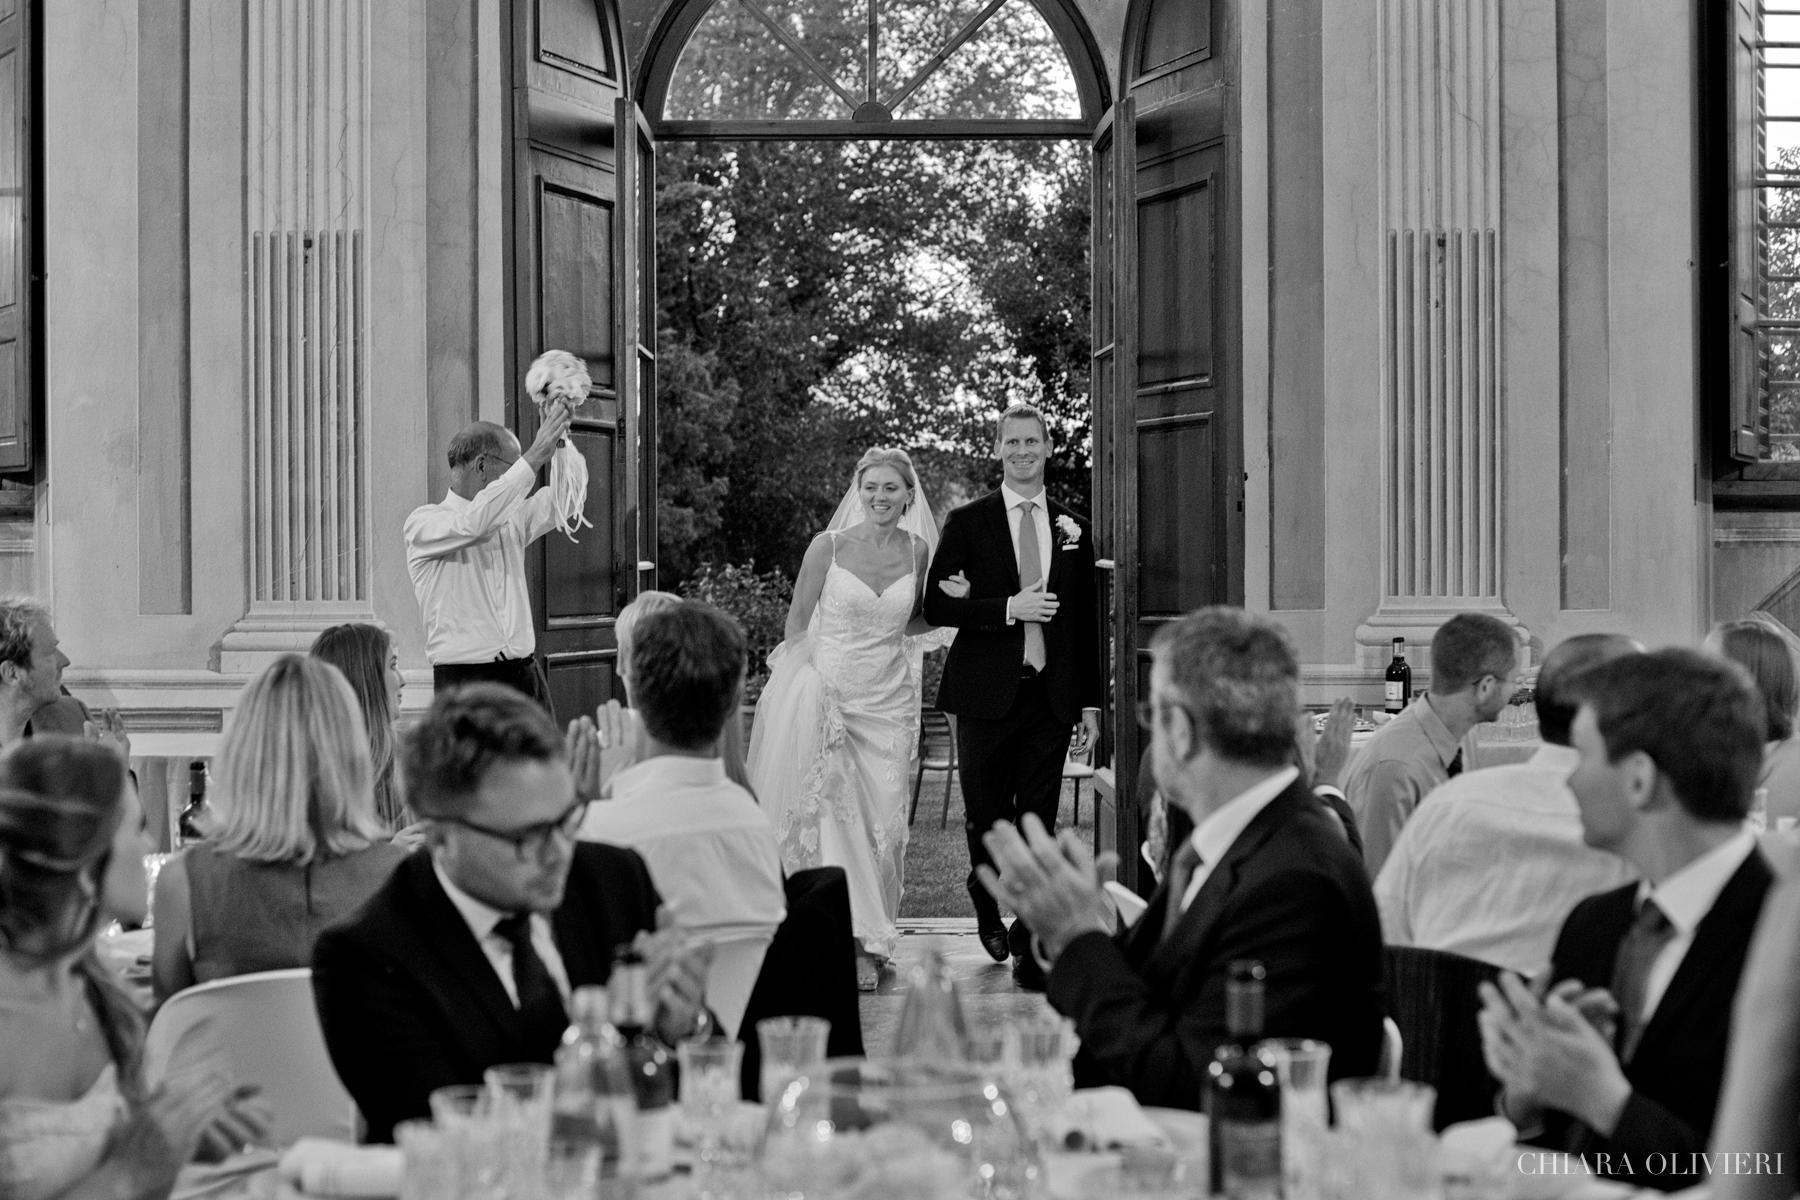 matrimonio-toscana-torredeilari-firenze-40